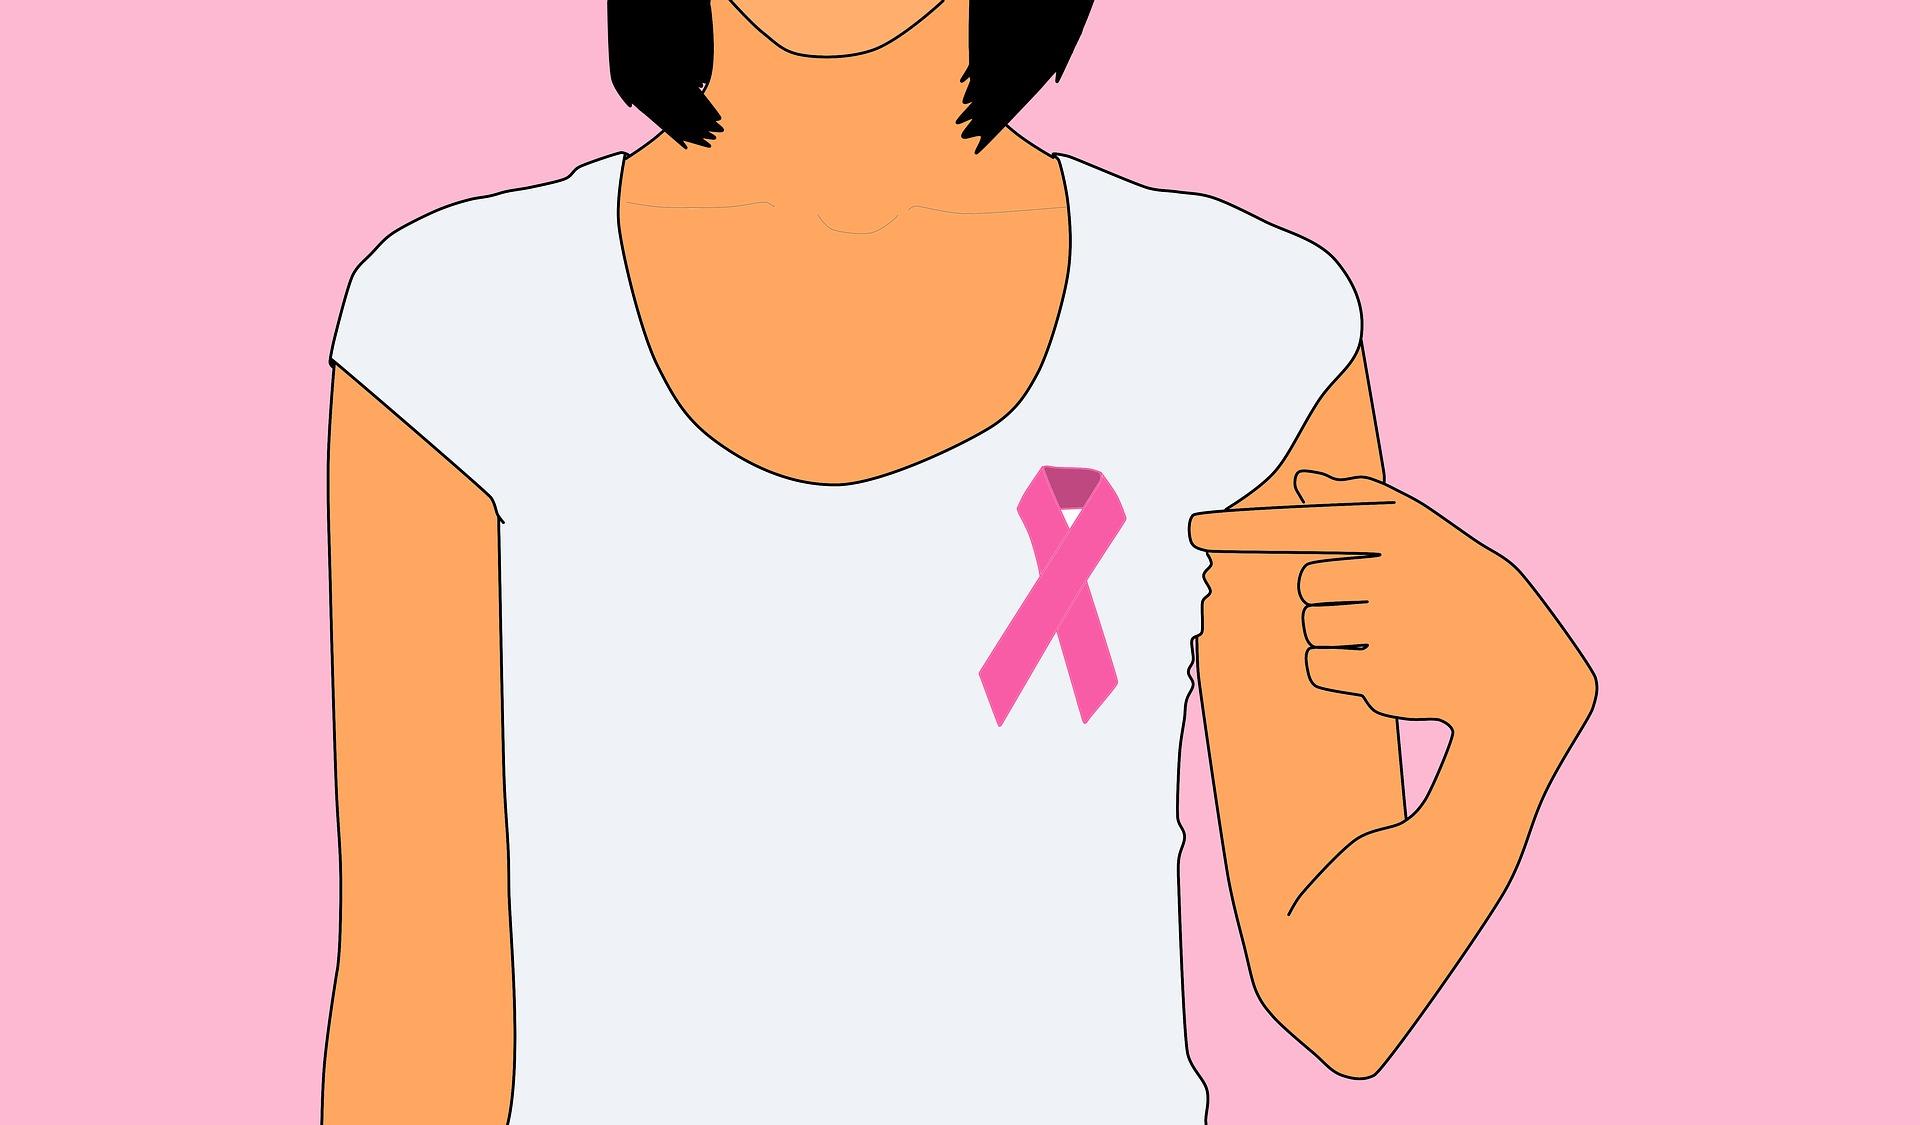 Nowoczesne techniki diagnostyczne zwiększają szanse na całkowite wyleczenie raka piersi